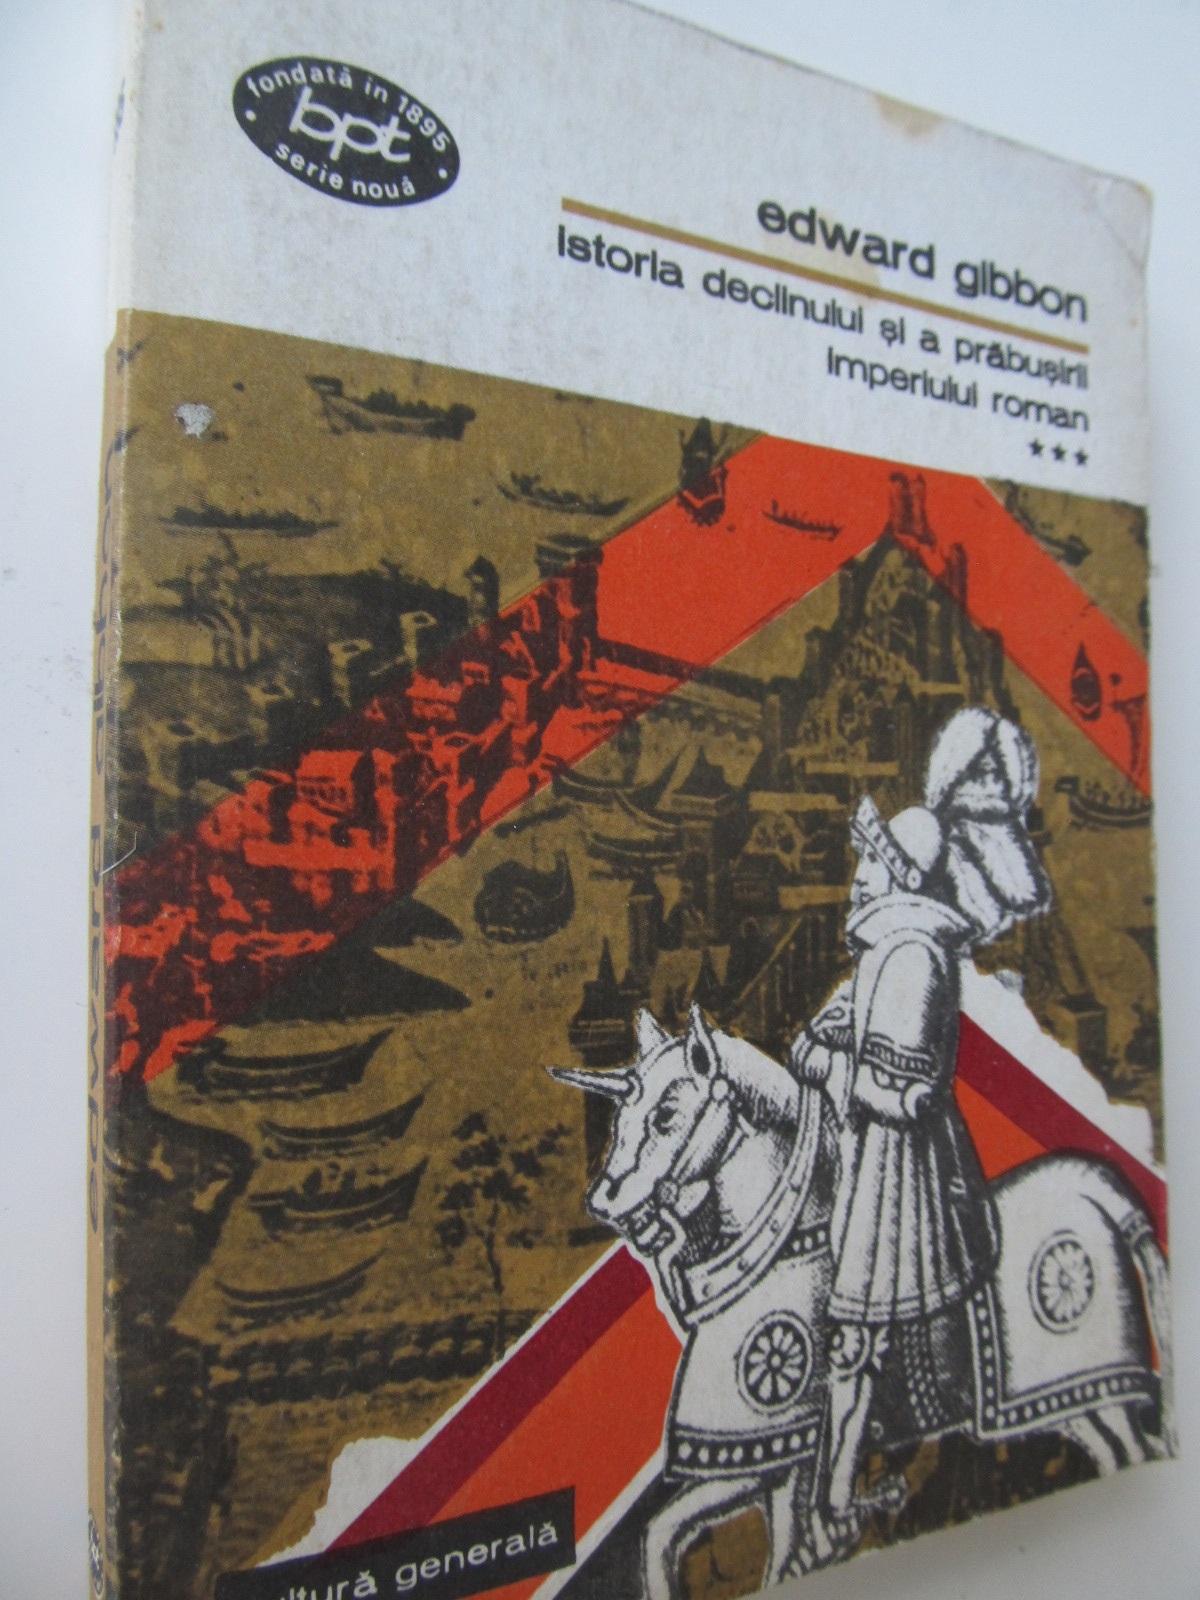 Istoria declinului si prabusirii imperiului roman (vol. 3) - Edward Gibbon | Detalii carte